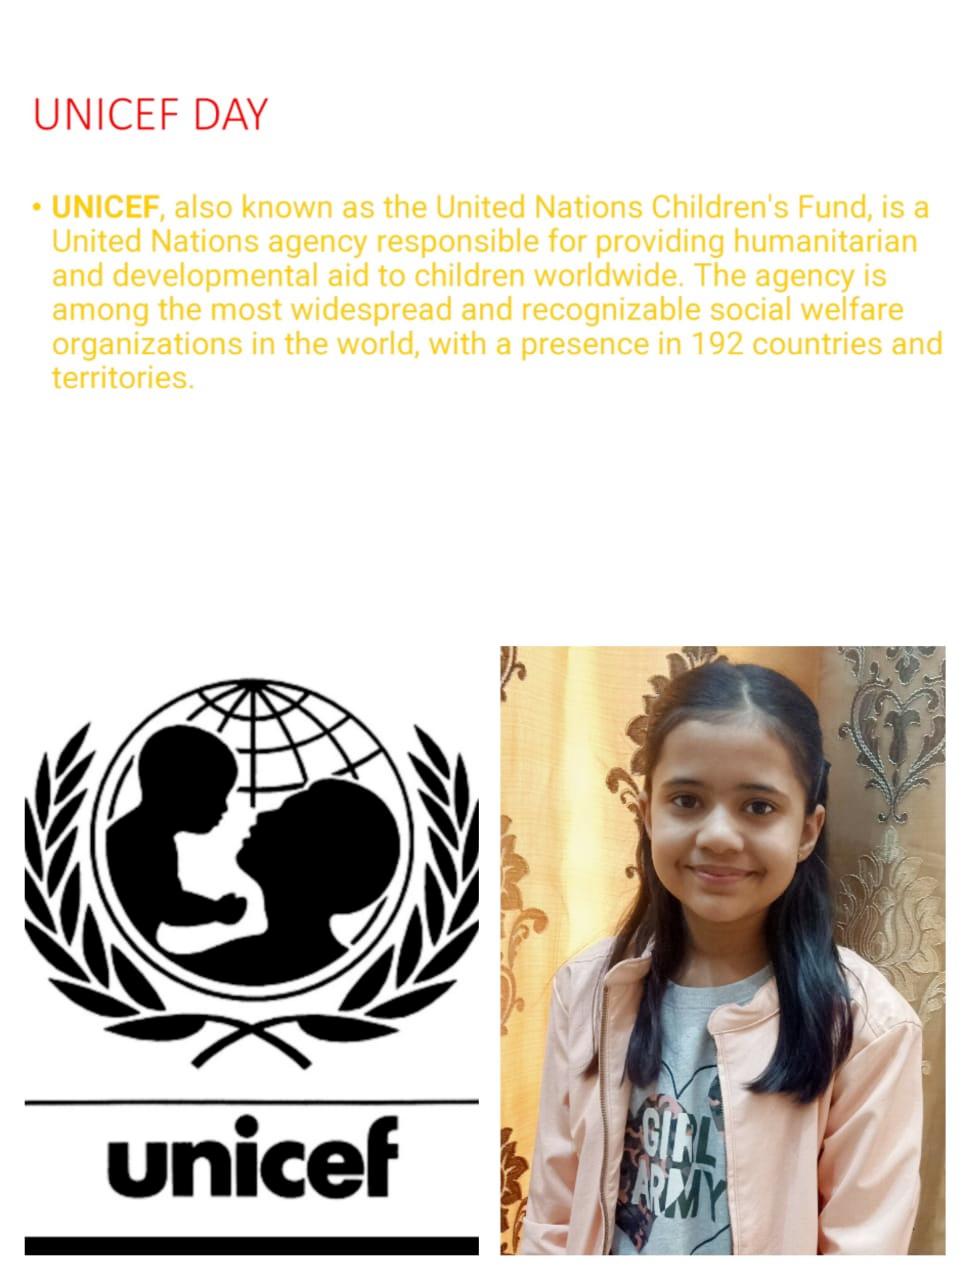 UNICEF DAY 2020